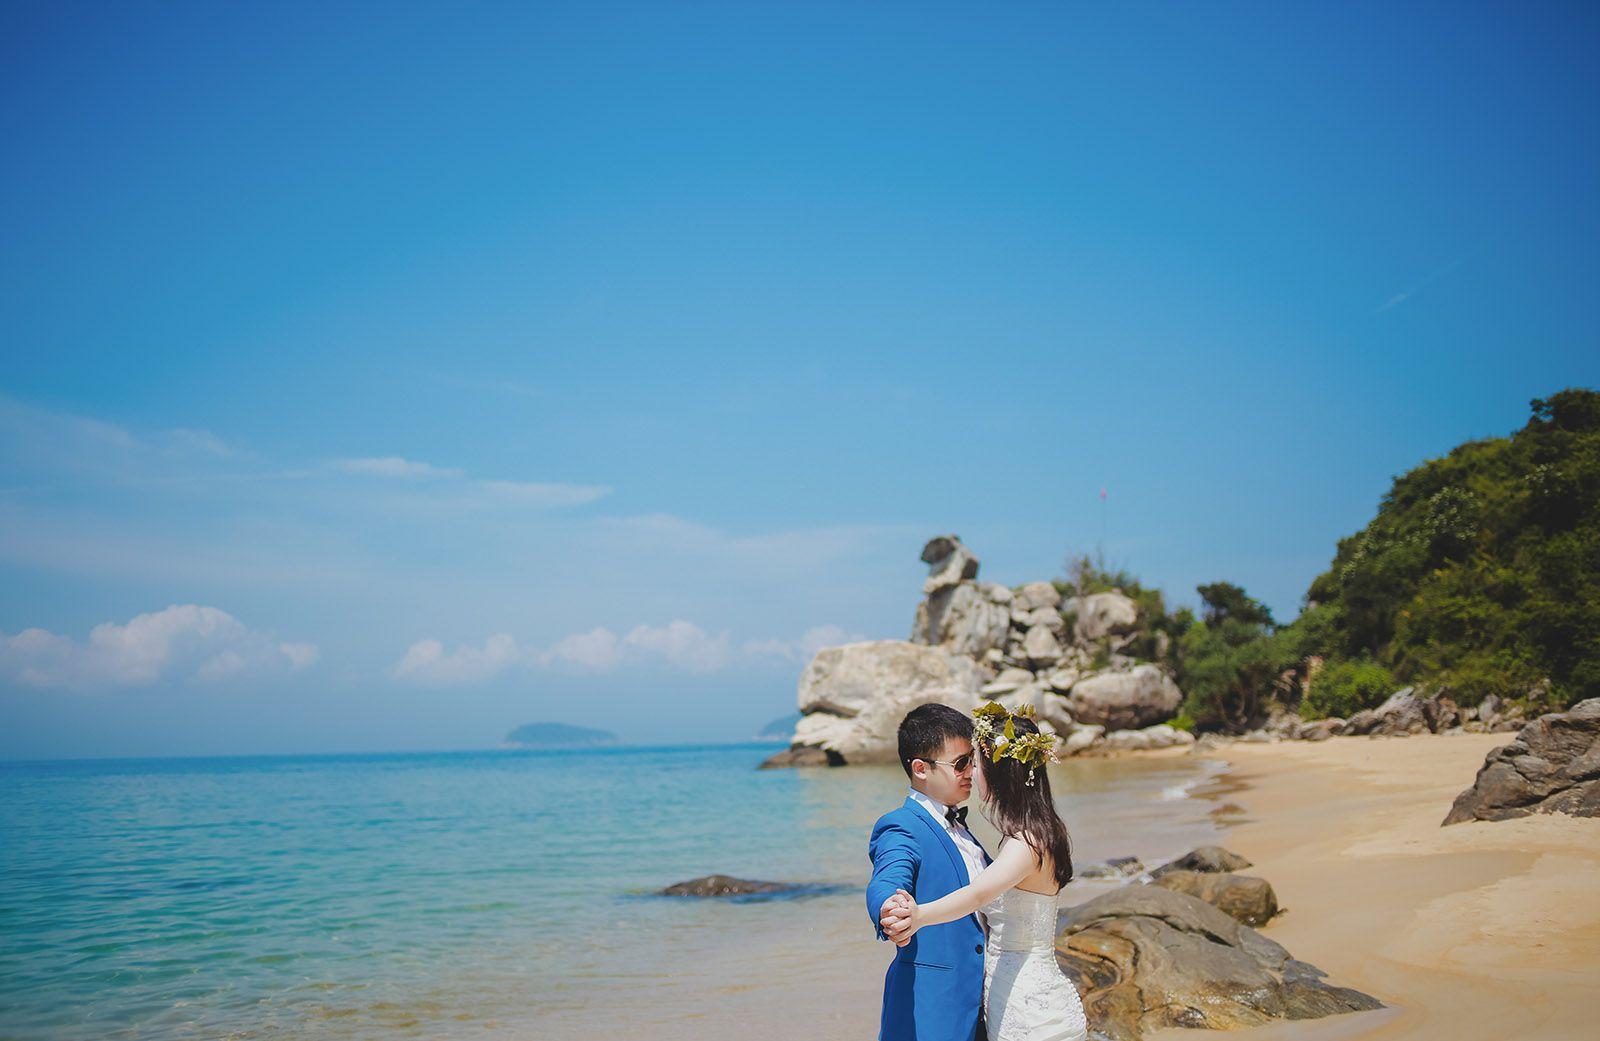 Những lưu ý khi chụp ảnh cưới ở biển